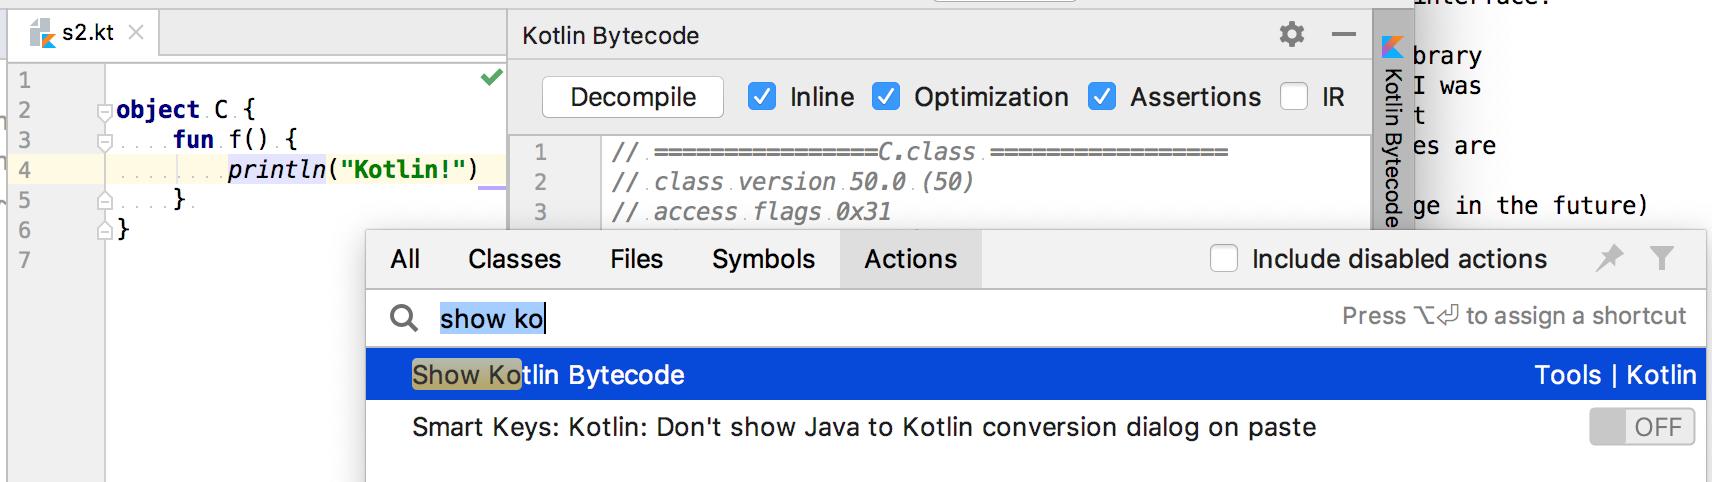 decompile bytecode image